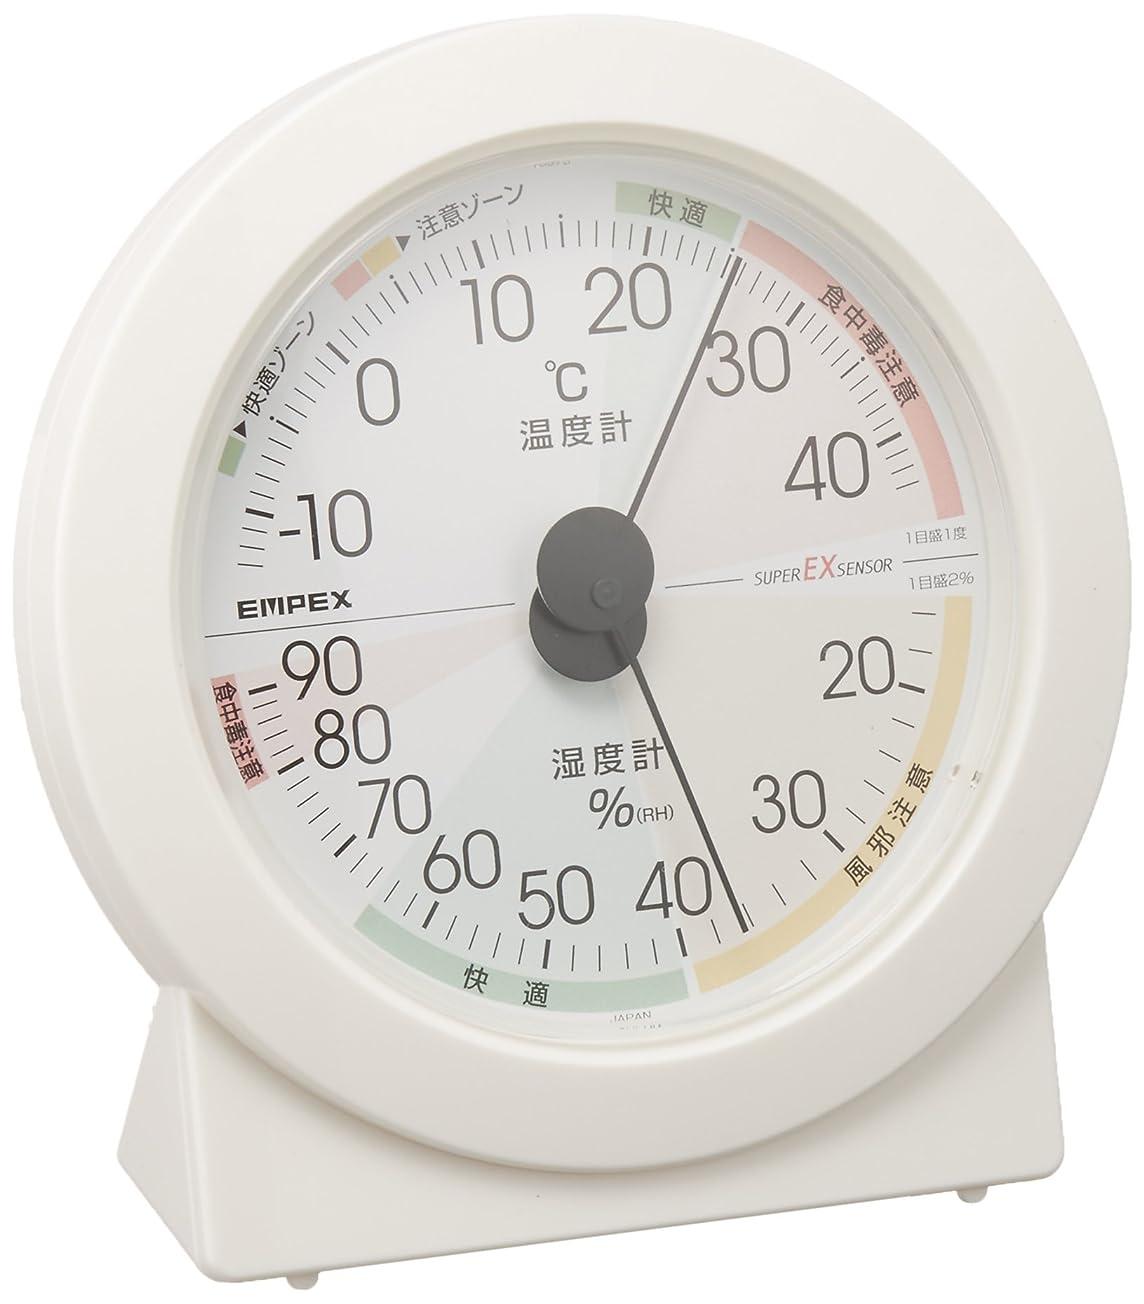 列車アカデミー差別エンペックス気象計 温度湿度計 高精度ユニバーサルデザイン 置き用 日本製 ホワイト EX-2831